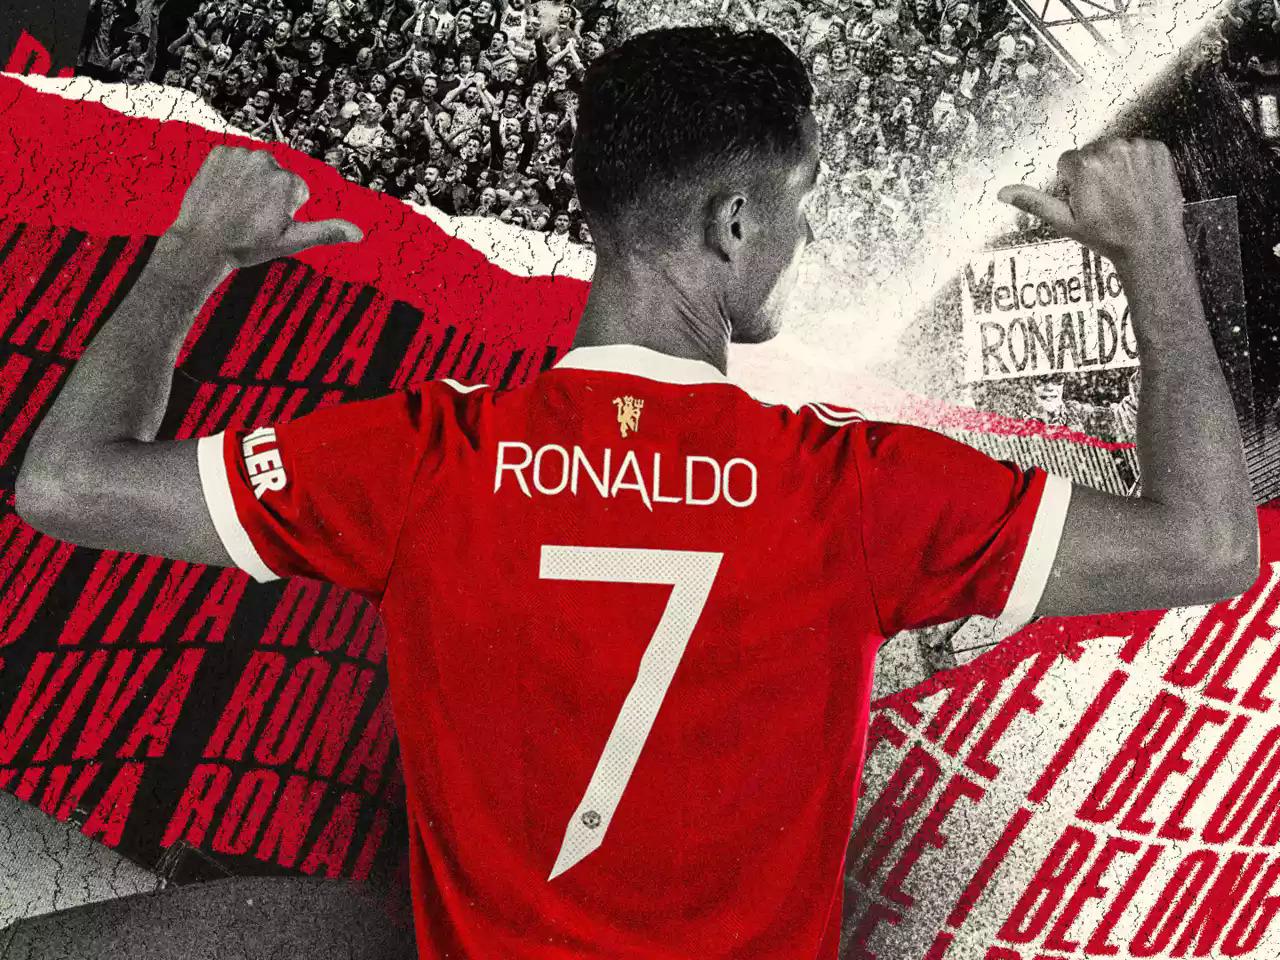 """การกลับมาสู่ Man Utd อาจเป็นความท้าทายครั้งใหญ่ครั้งสุดท้ายในอาชีพที่โด่งดังของ CR7  ภาพถ่าย: """"manutd.com"""""""